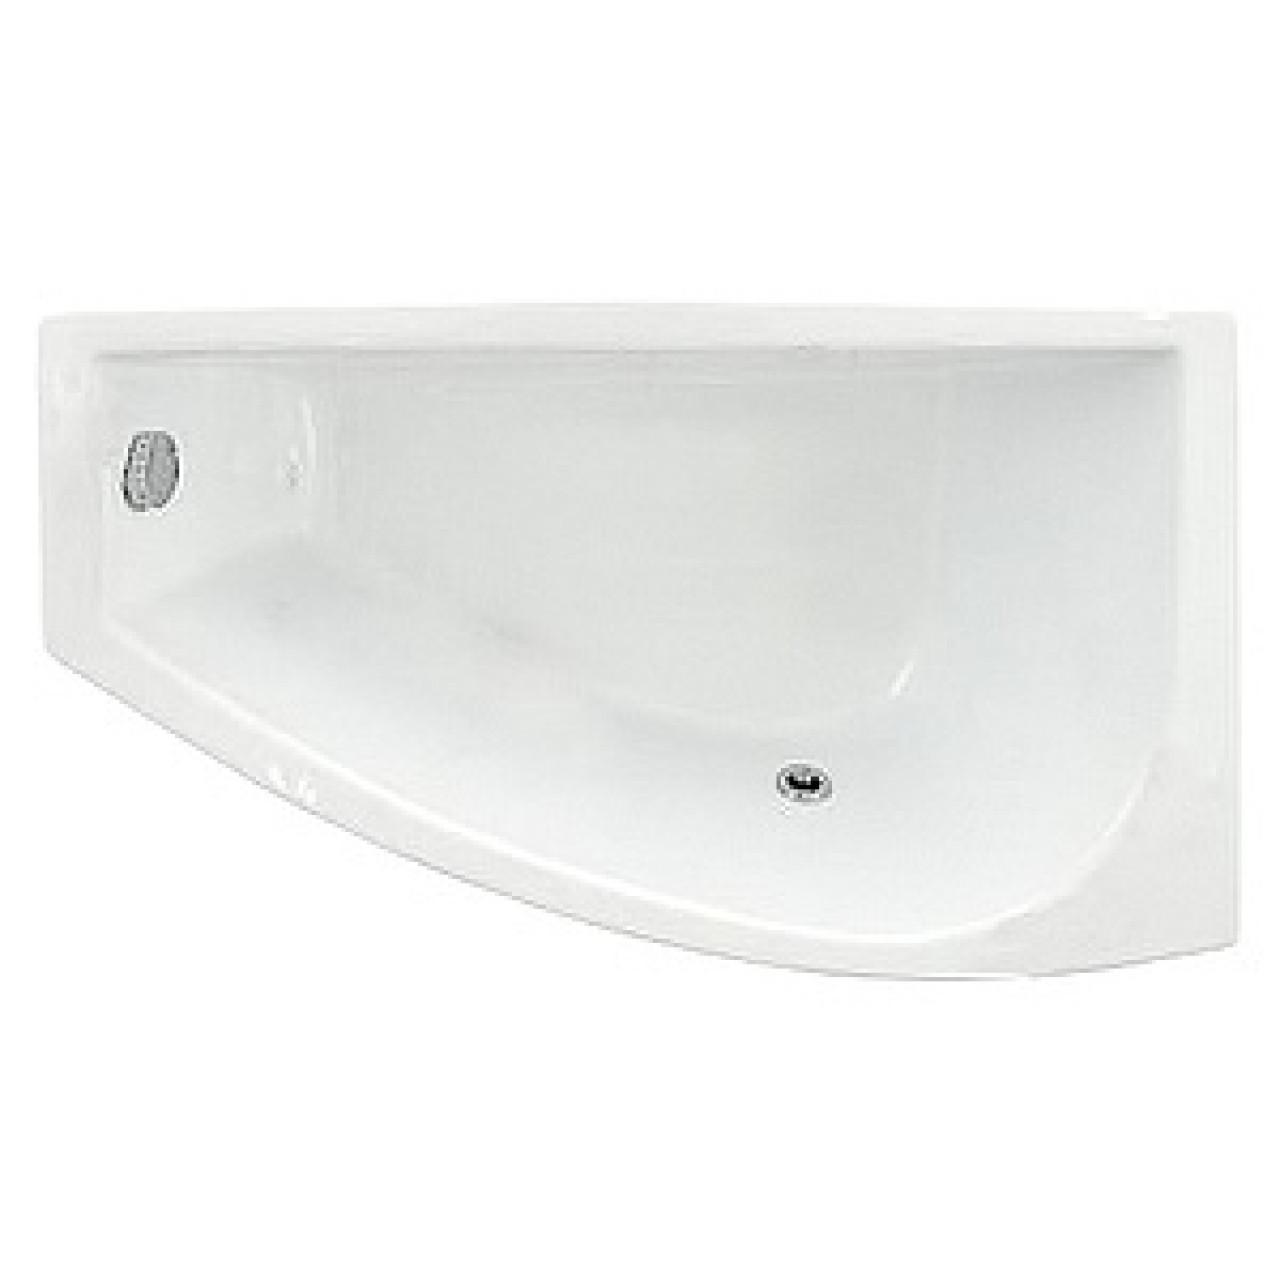 Акриловая ванна Triton Бэлла 1400х750х600 Л/П купить в Москве по цене от 15990р. в интернет-магазине mebel-v-vannu.ru